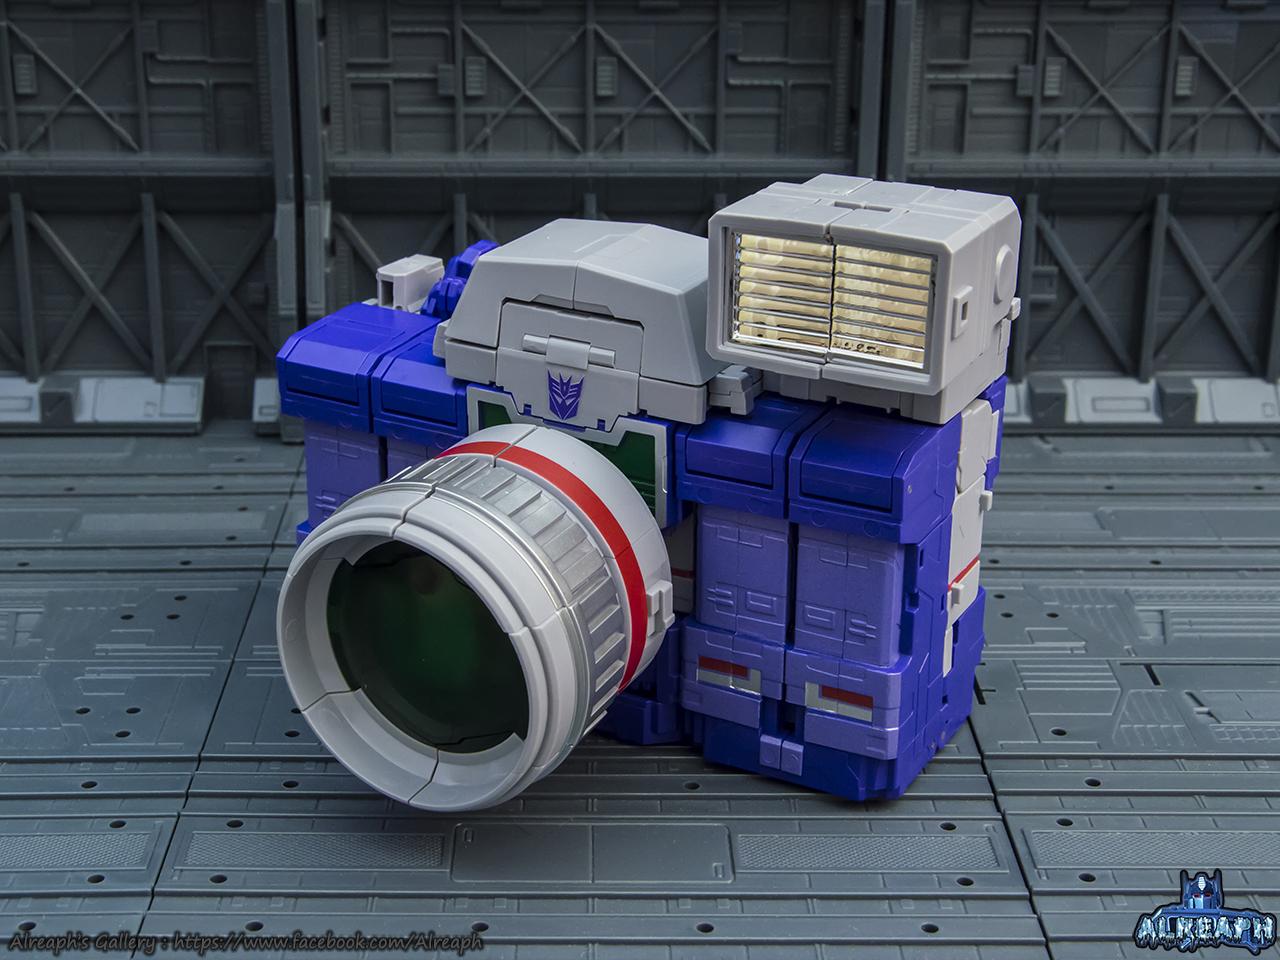 [Fanstoys] Produit Tiers - Jouet FT-11 Spotter - aka Reflector/Réflecteur - Page 2 Sz9vQ6rY